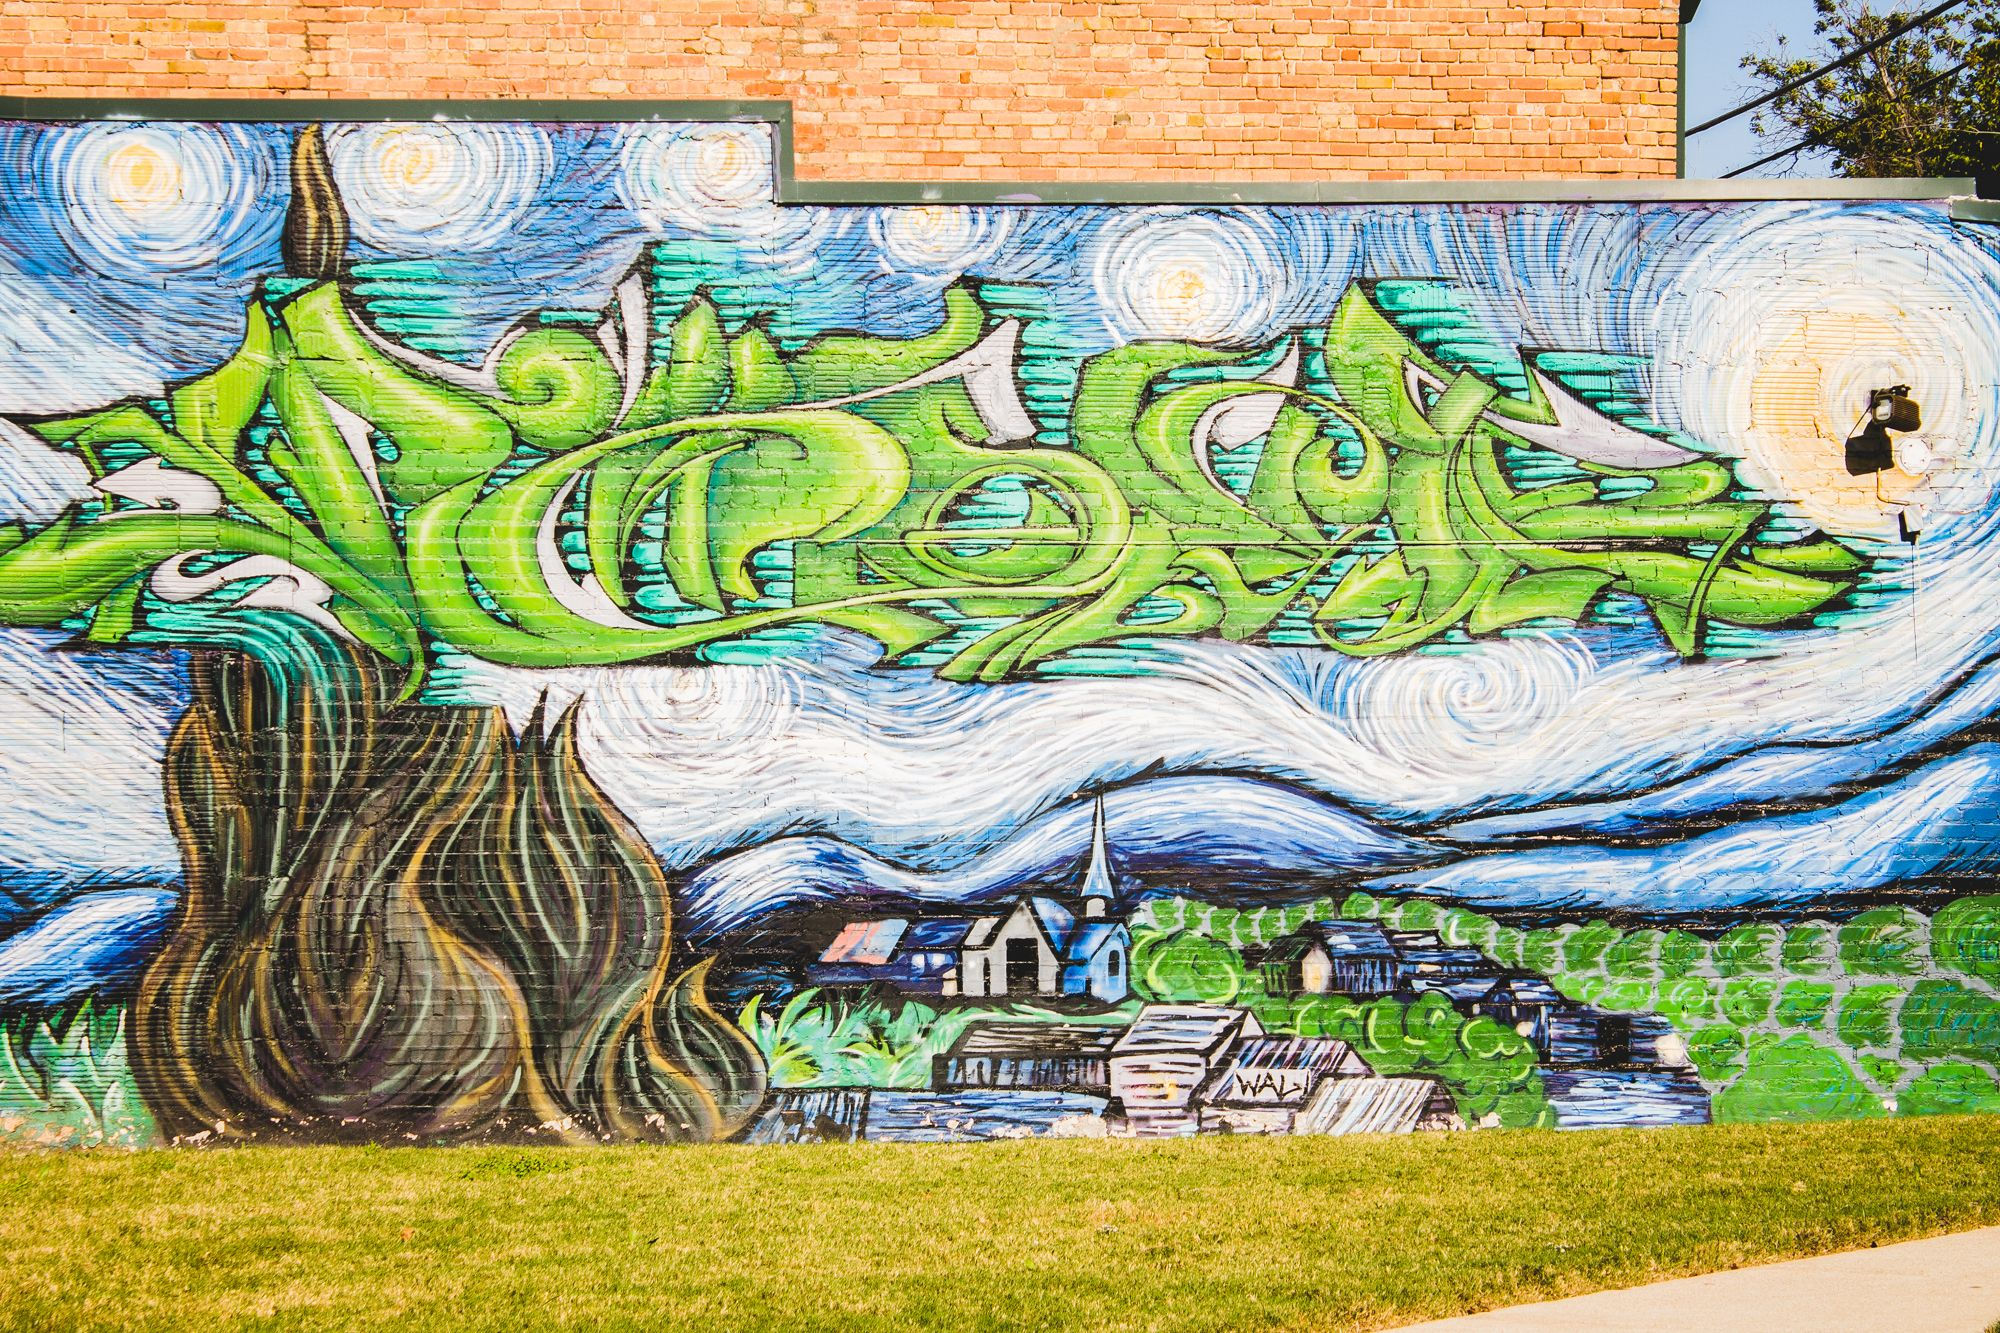 Graffiti wall dallas - Graffiti Wall On Main Street Stockyards Fort Worth